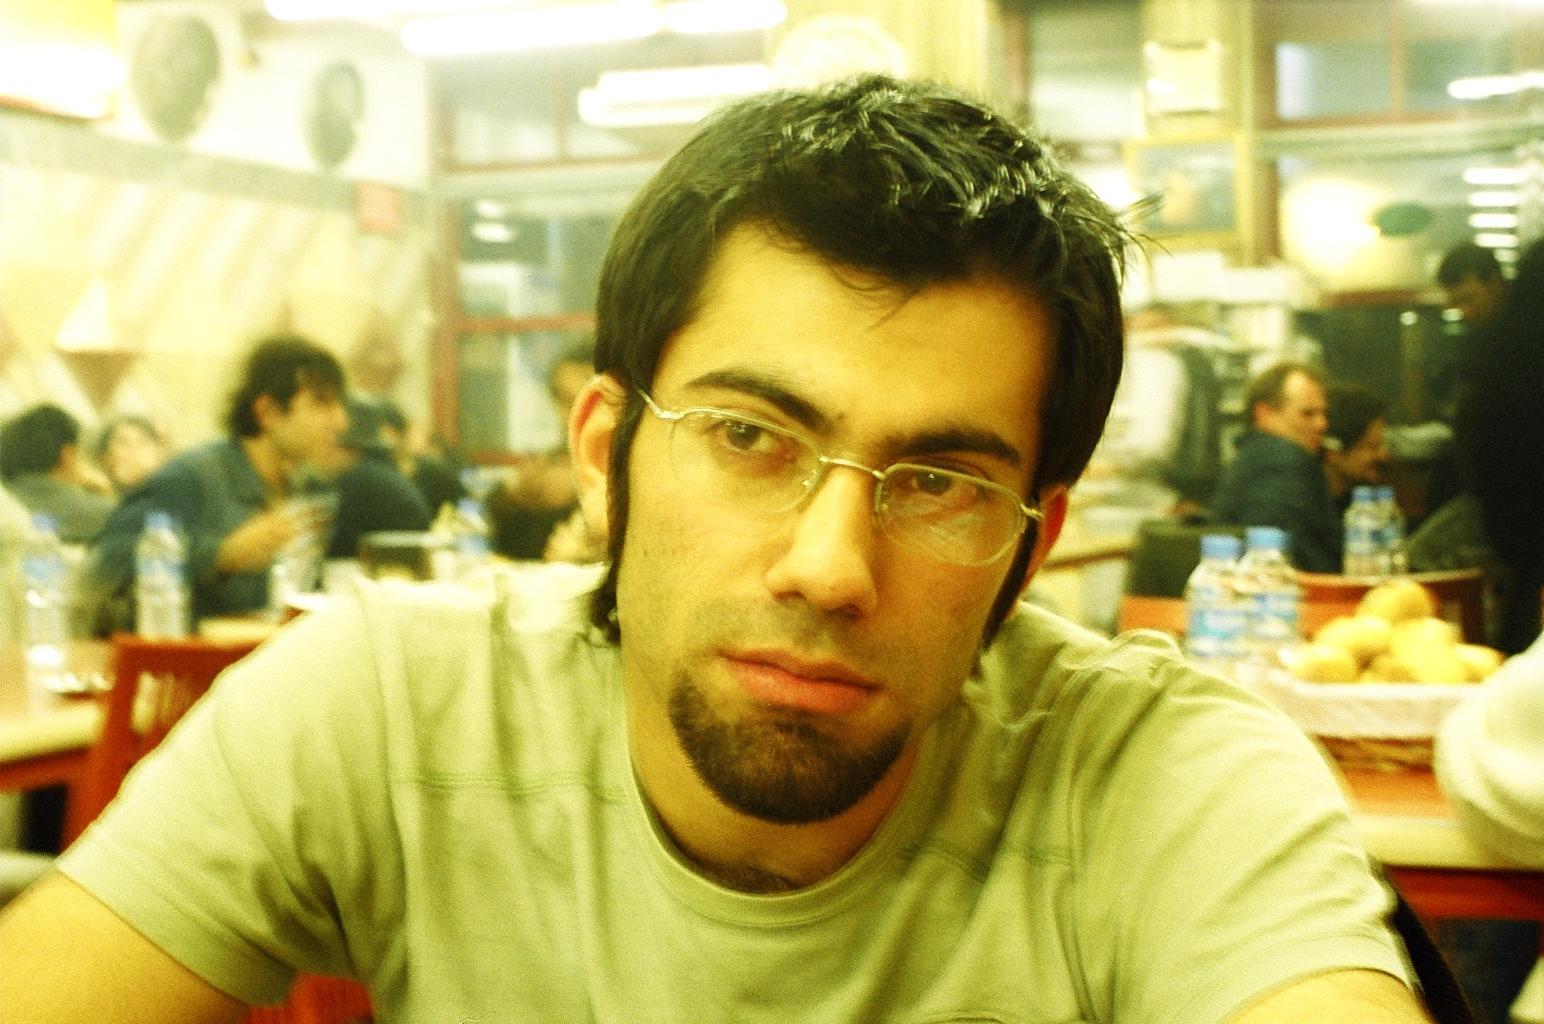 Yekmer Simsek